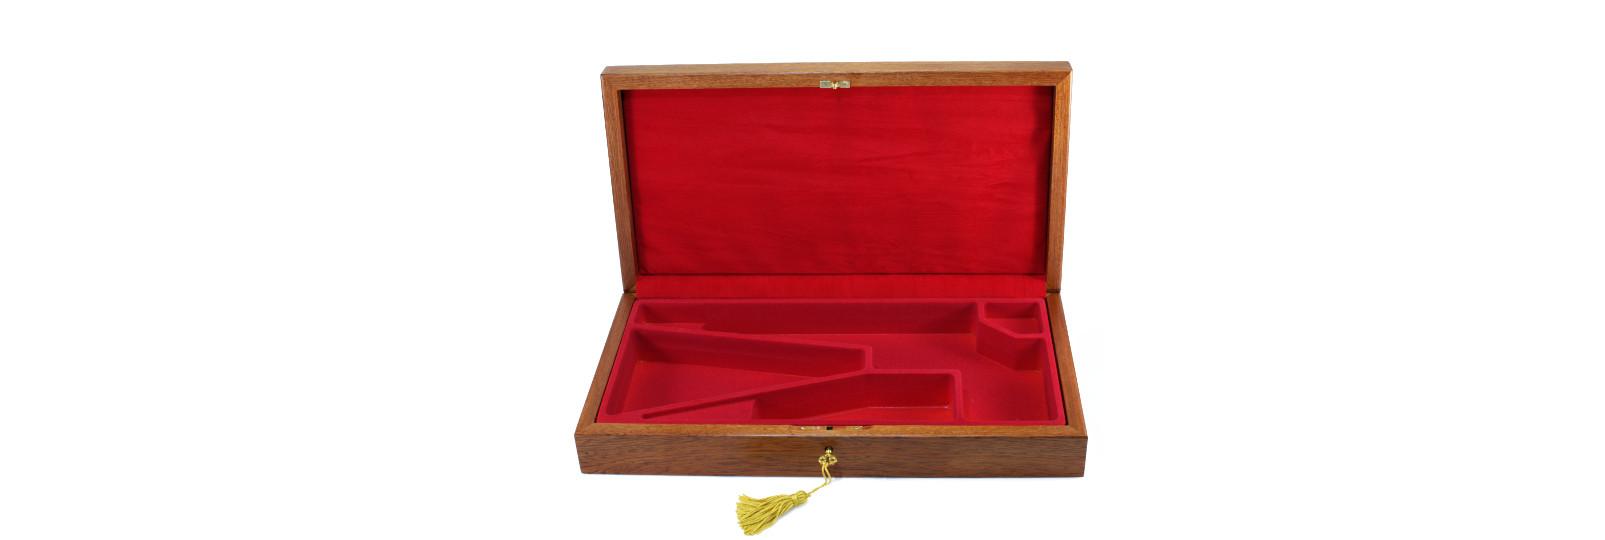 Cofanetto in legno per revolver